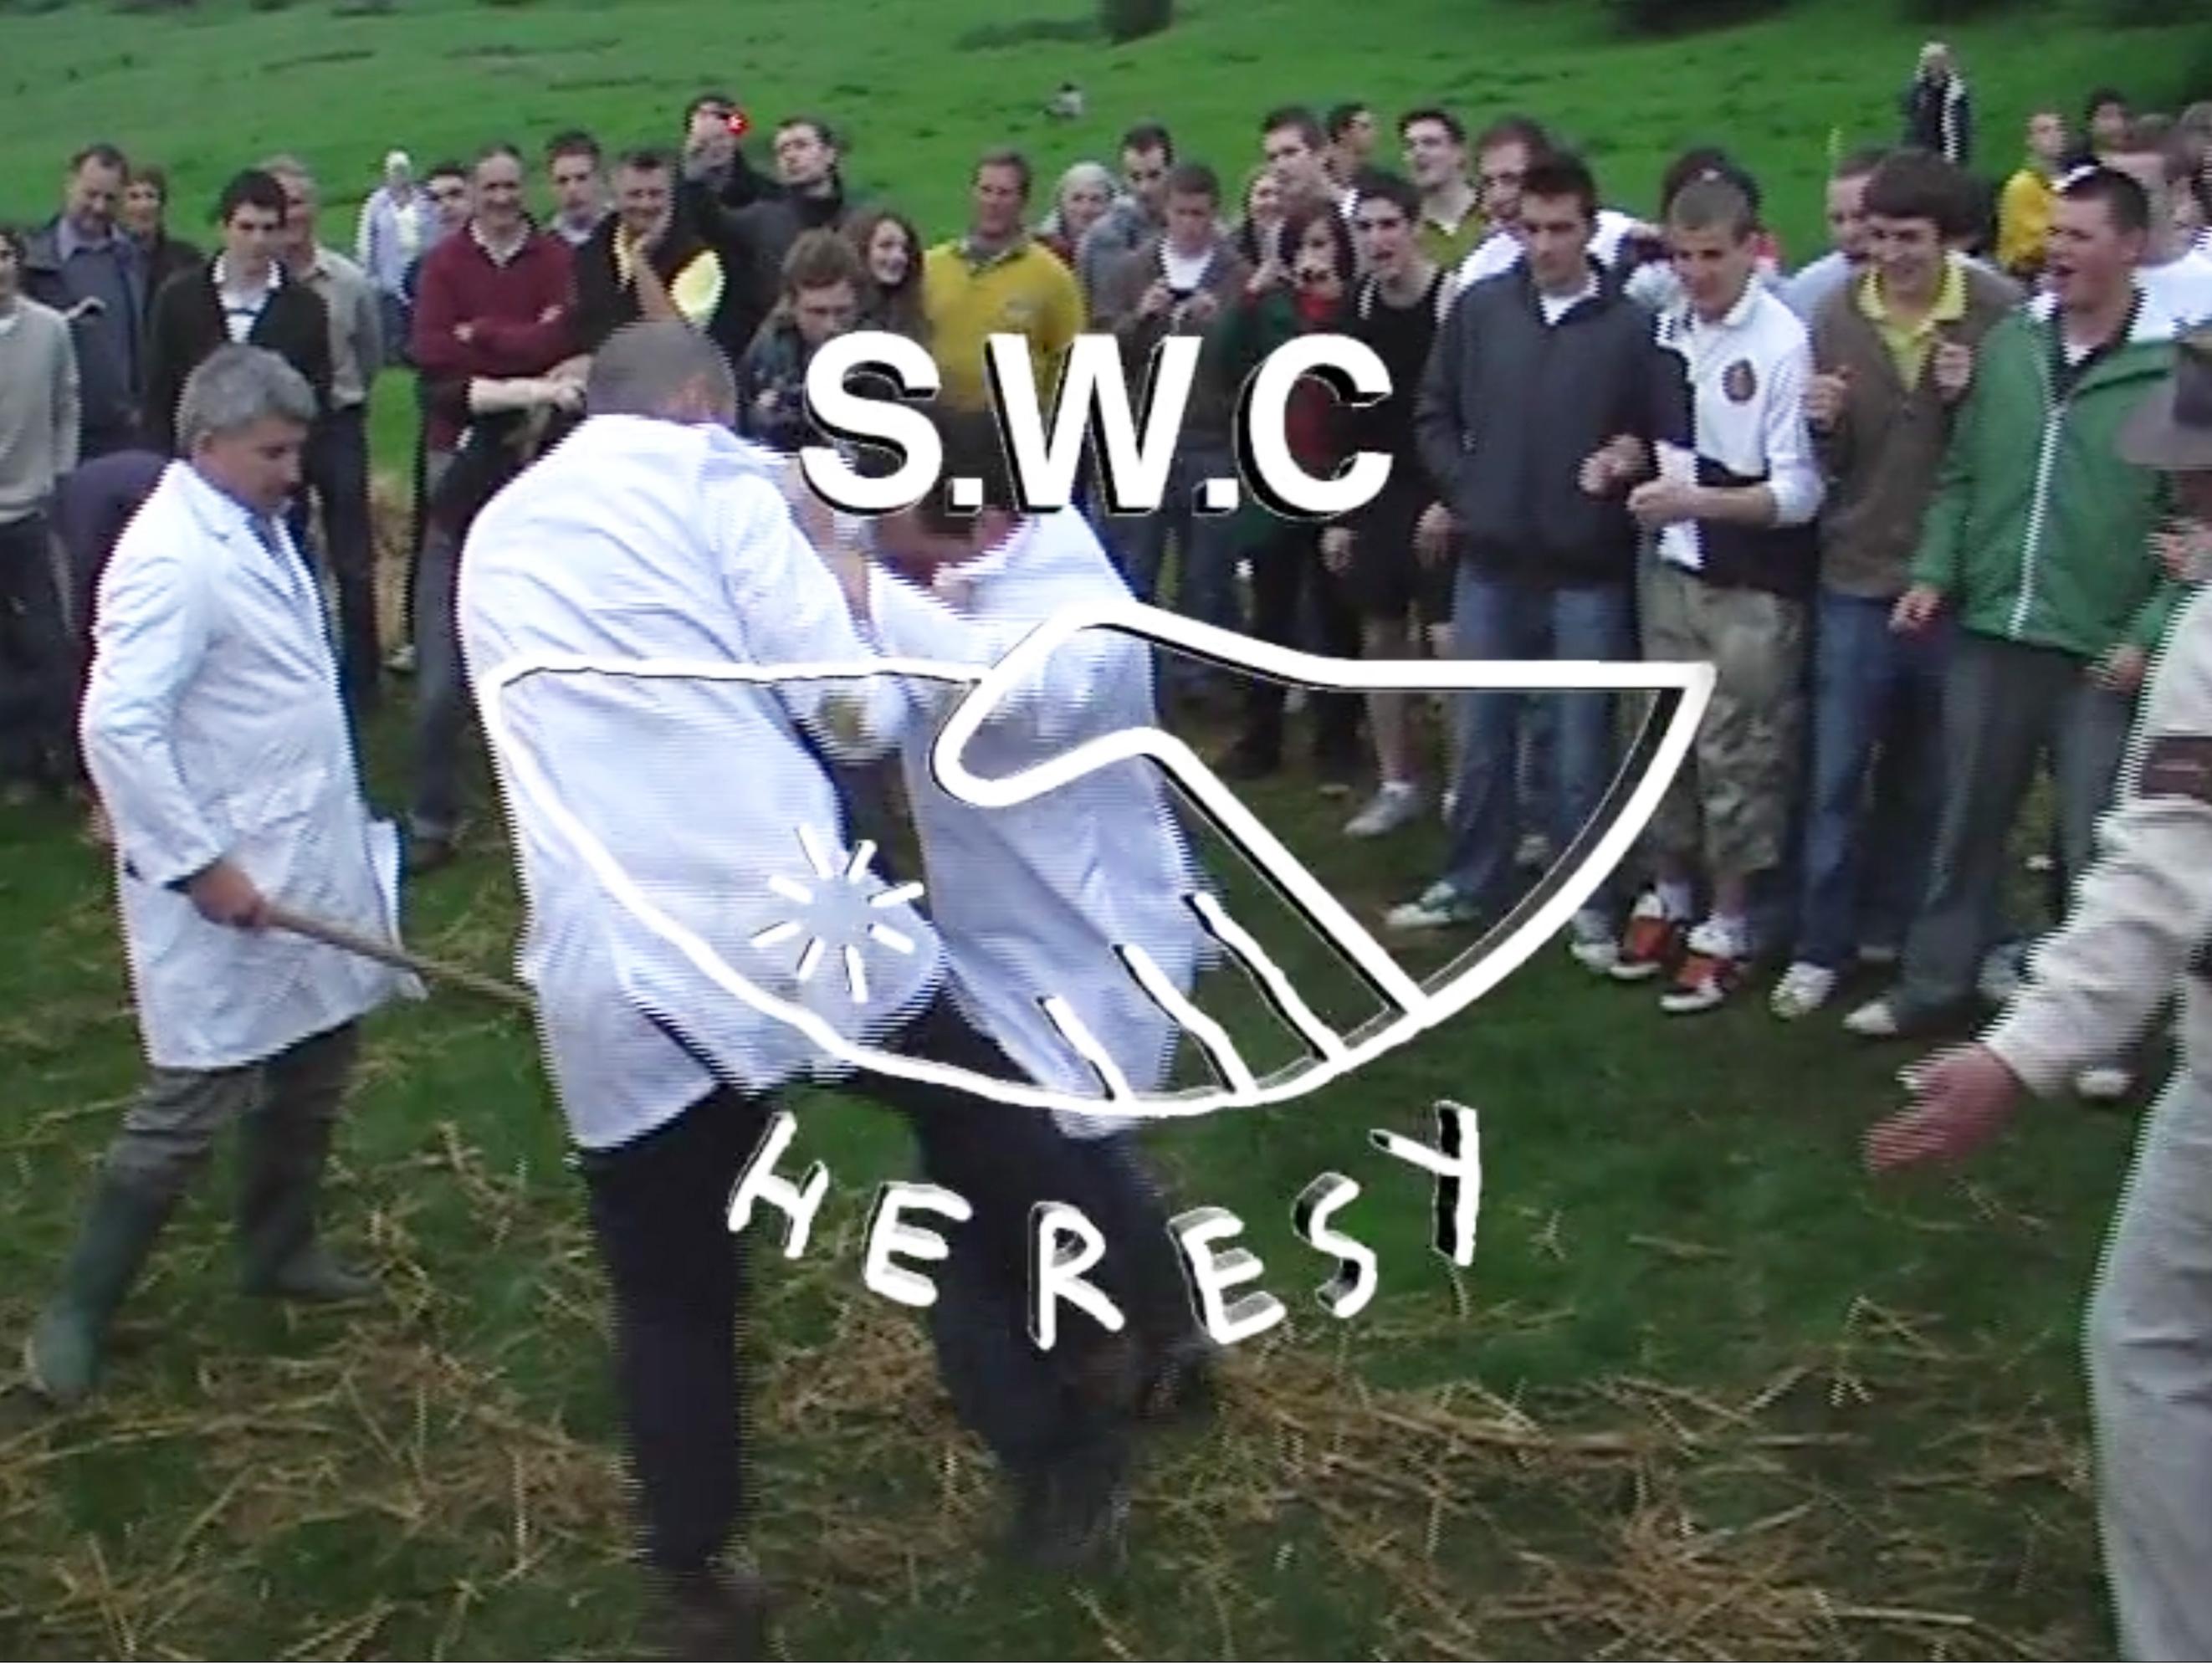 S.W.C & Heresy 'SHIN KICKER'